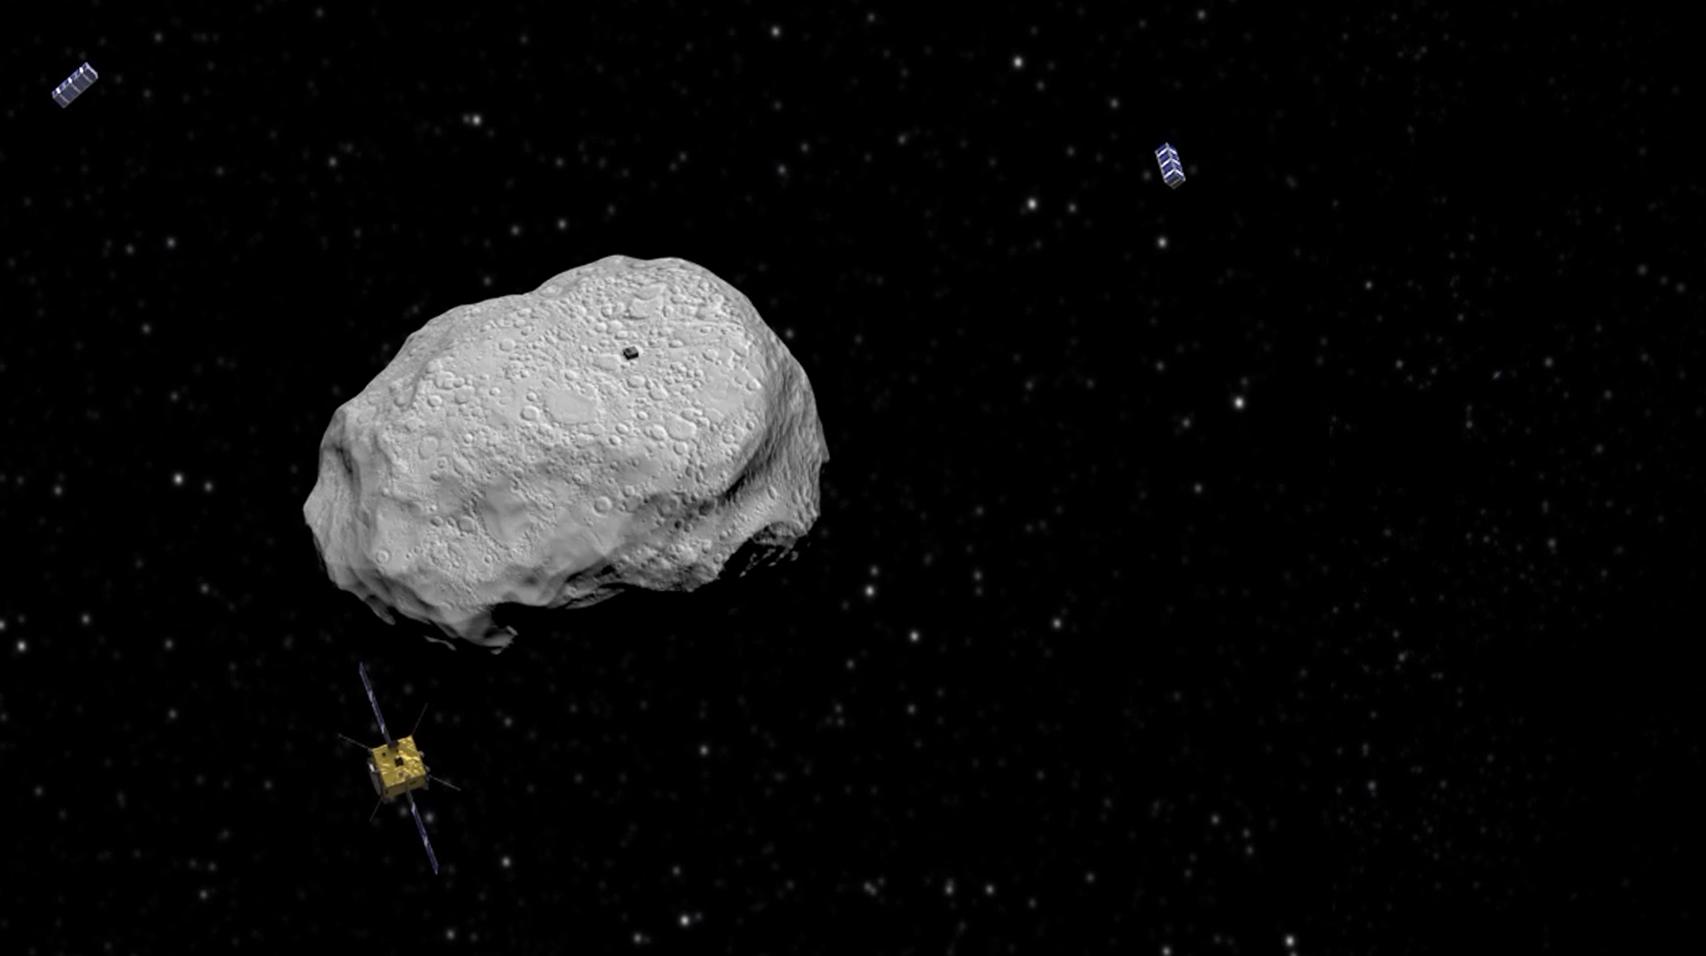 space probe comet impact - photo #17